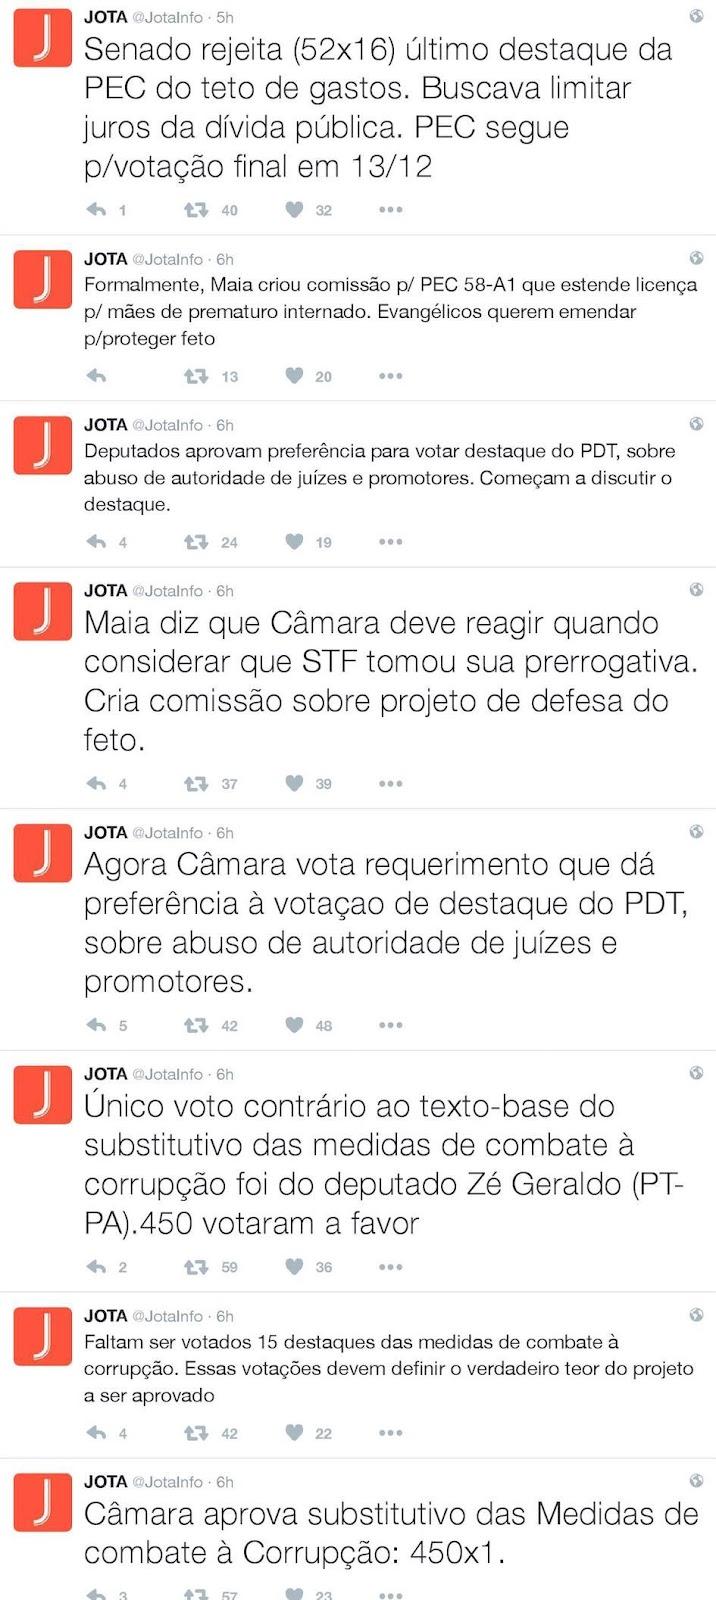 /Users/romulosoaresbrillo/Desktop/JOTA (@JotaInfo) | Twitter/JOTA (@JotaInfo) | Twitter_000008.jpg